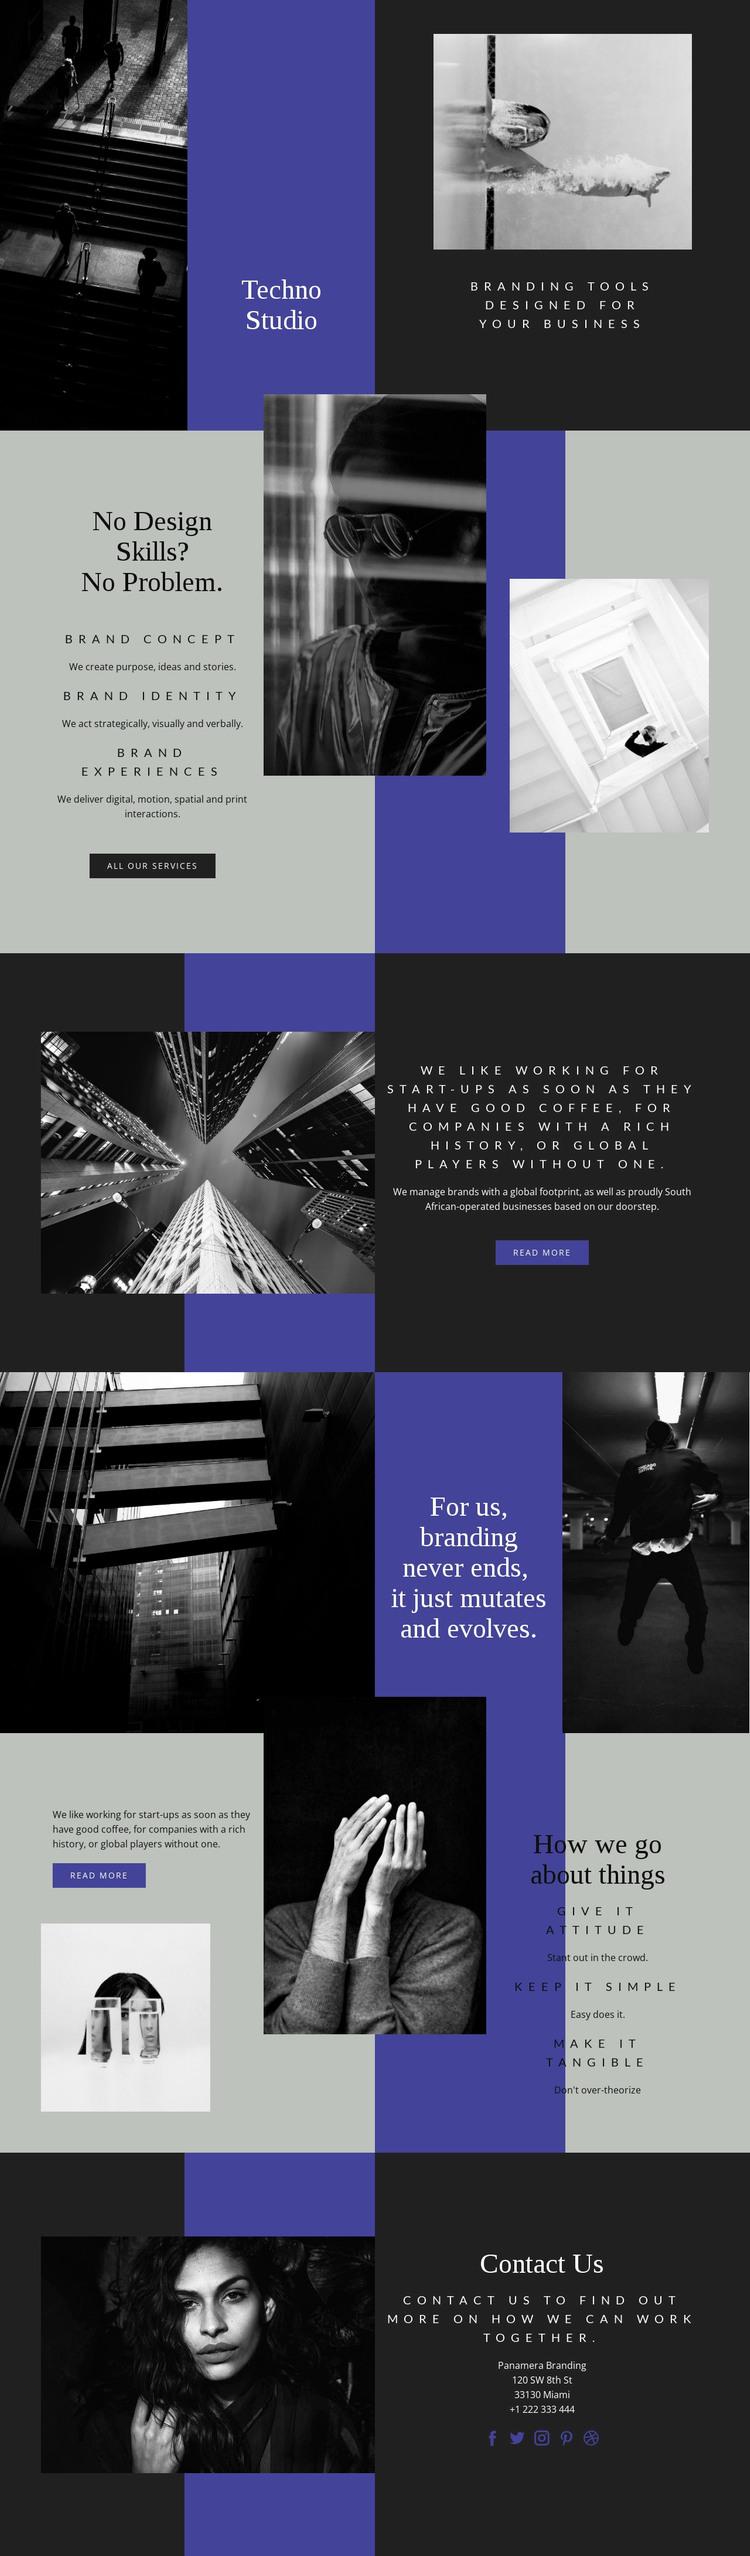 Techno skills in business Web Design